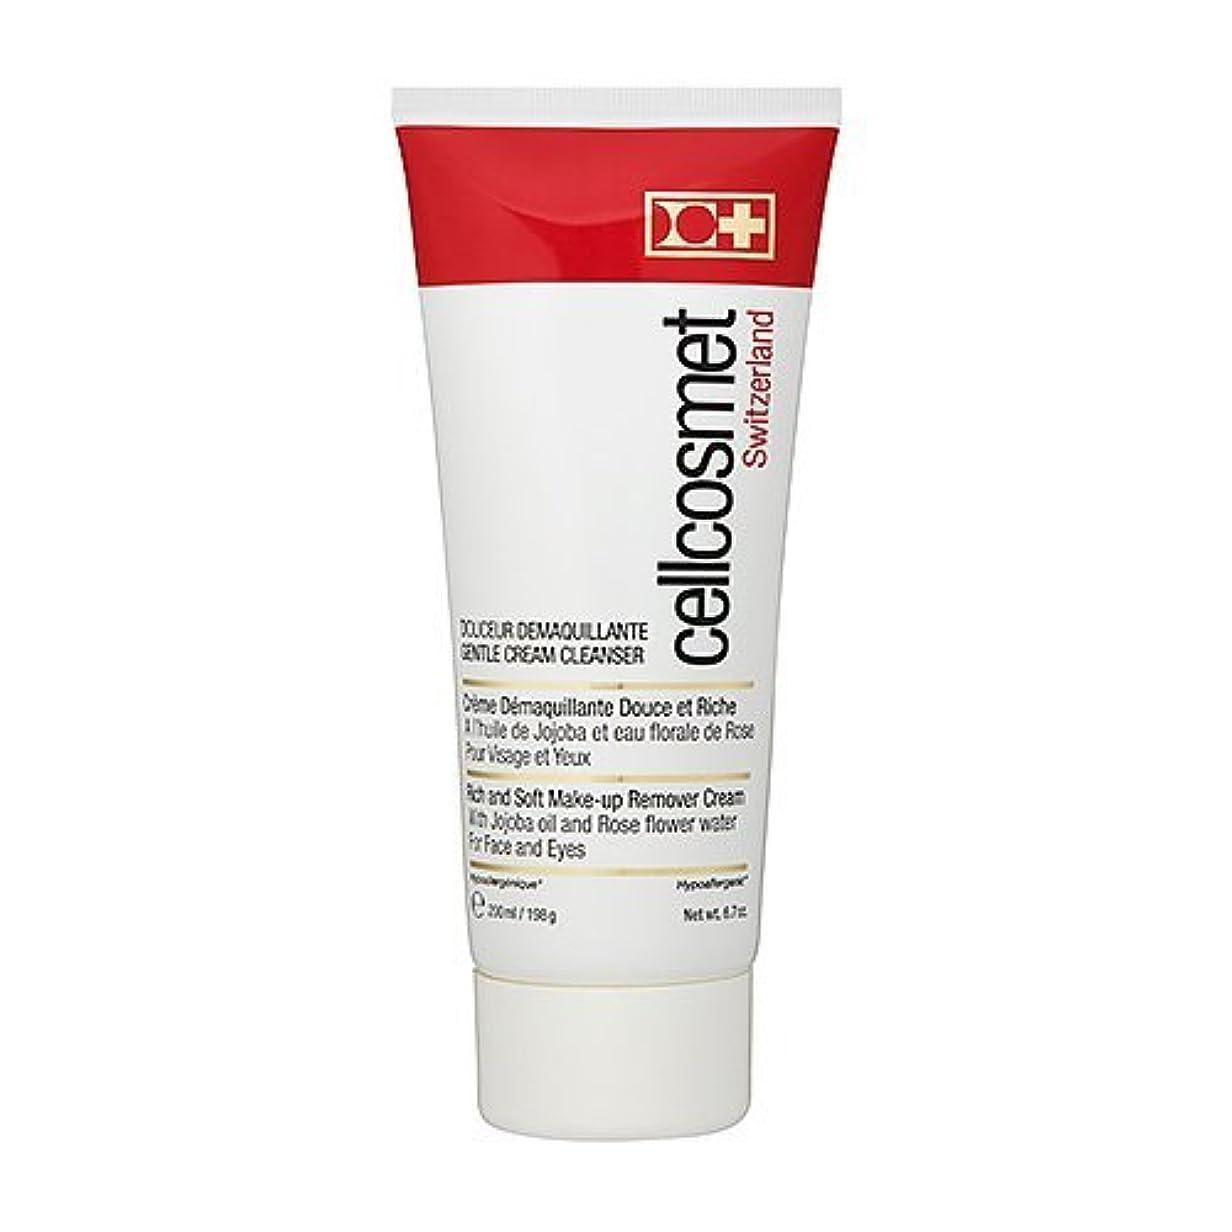 できない請求一時停止Cellcosmet & Cellmen Cellcosmet Gentle Cream Cleanser (Rich & Soft MakeUp Remover Cream) 200ml/6.91oz並行輸入品